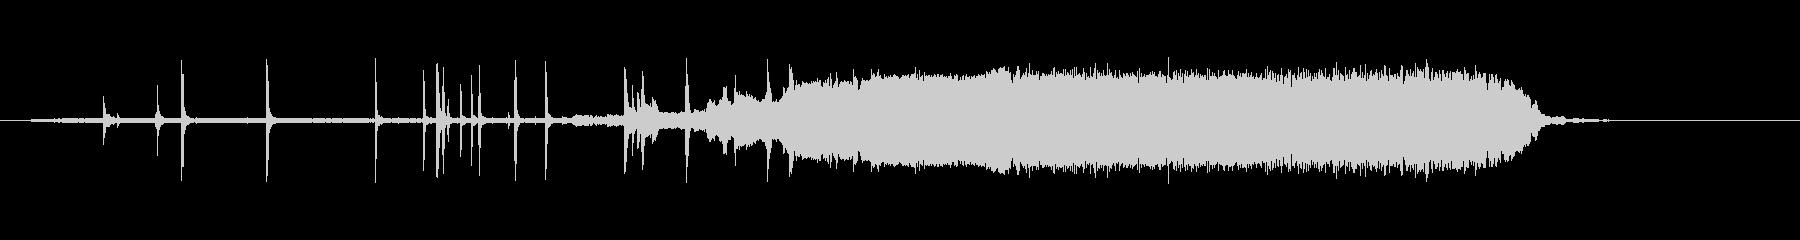 ストーブトップケトルまたはティーポ...の未再生の波形